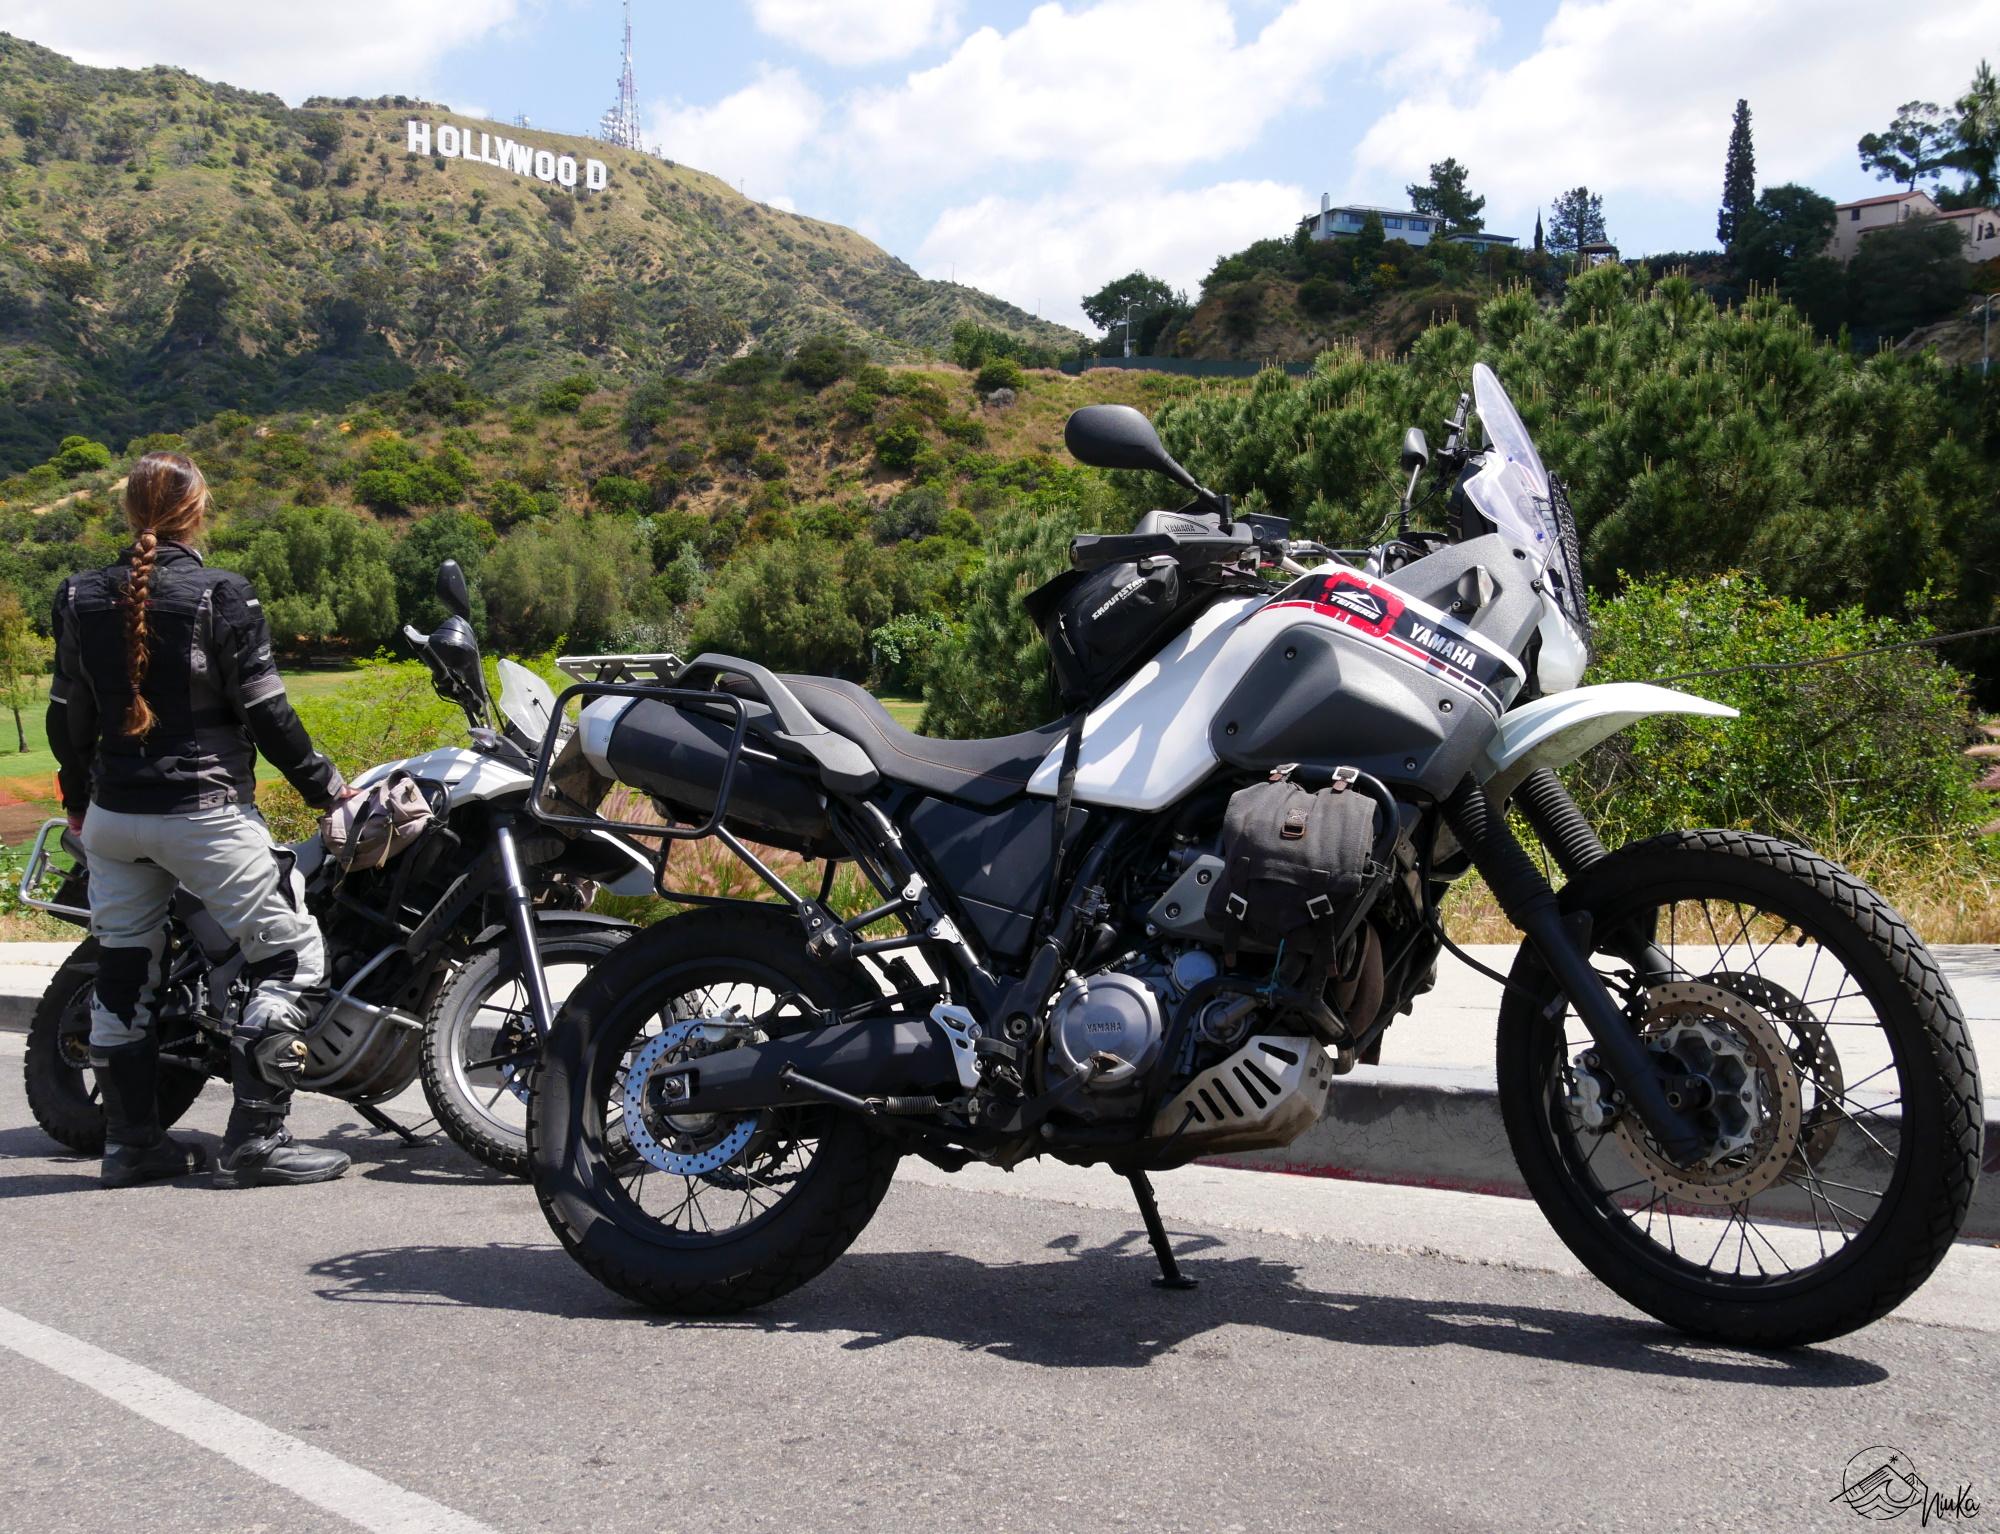 Mit den Motorrädern durch Hollywood